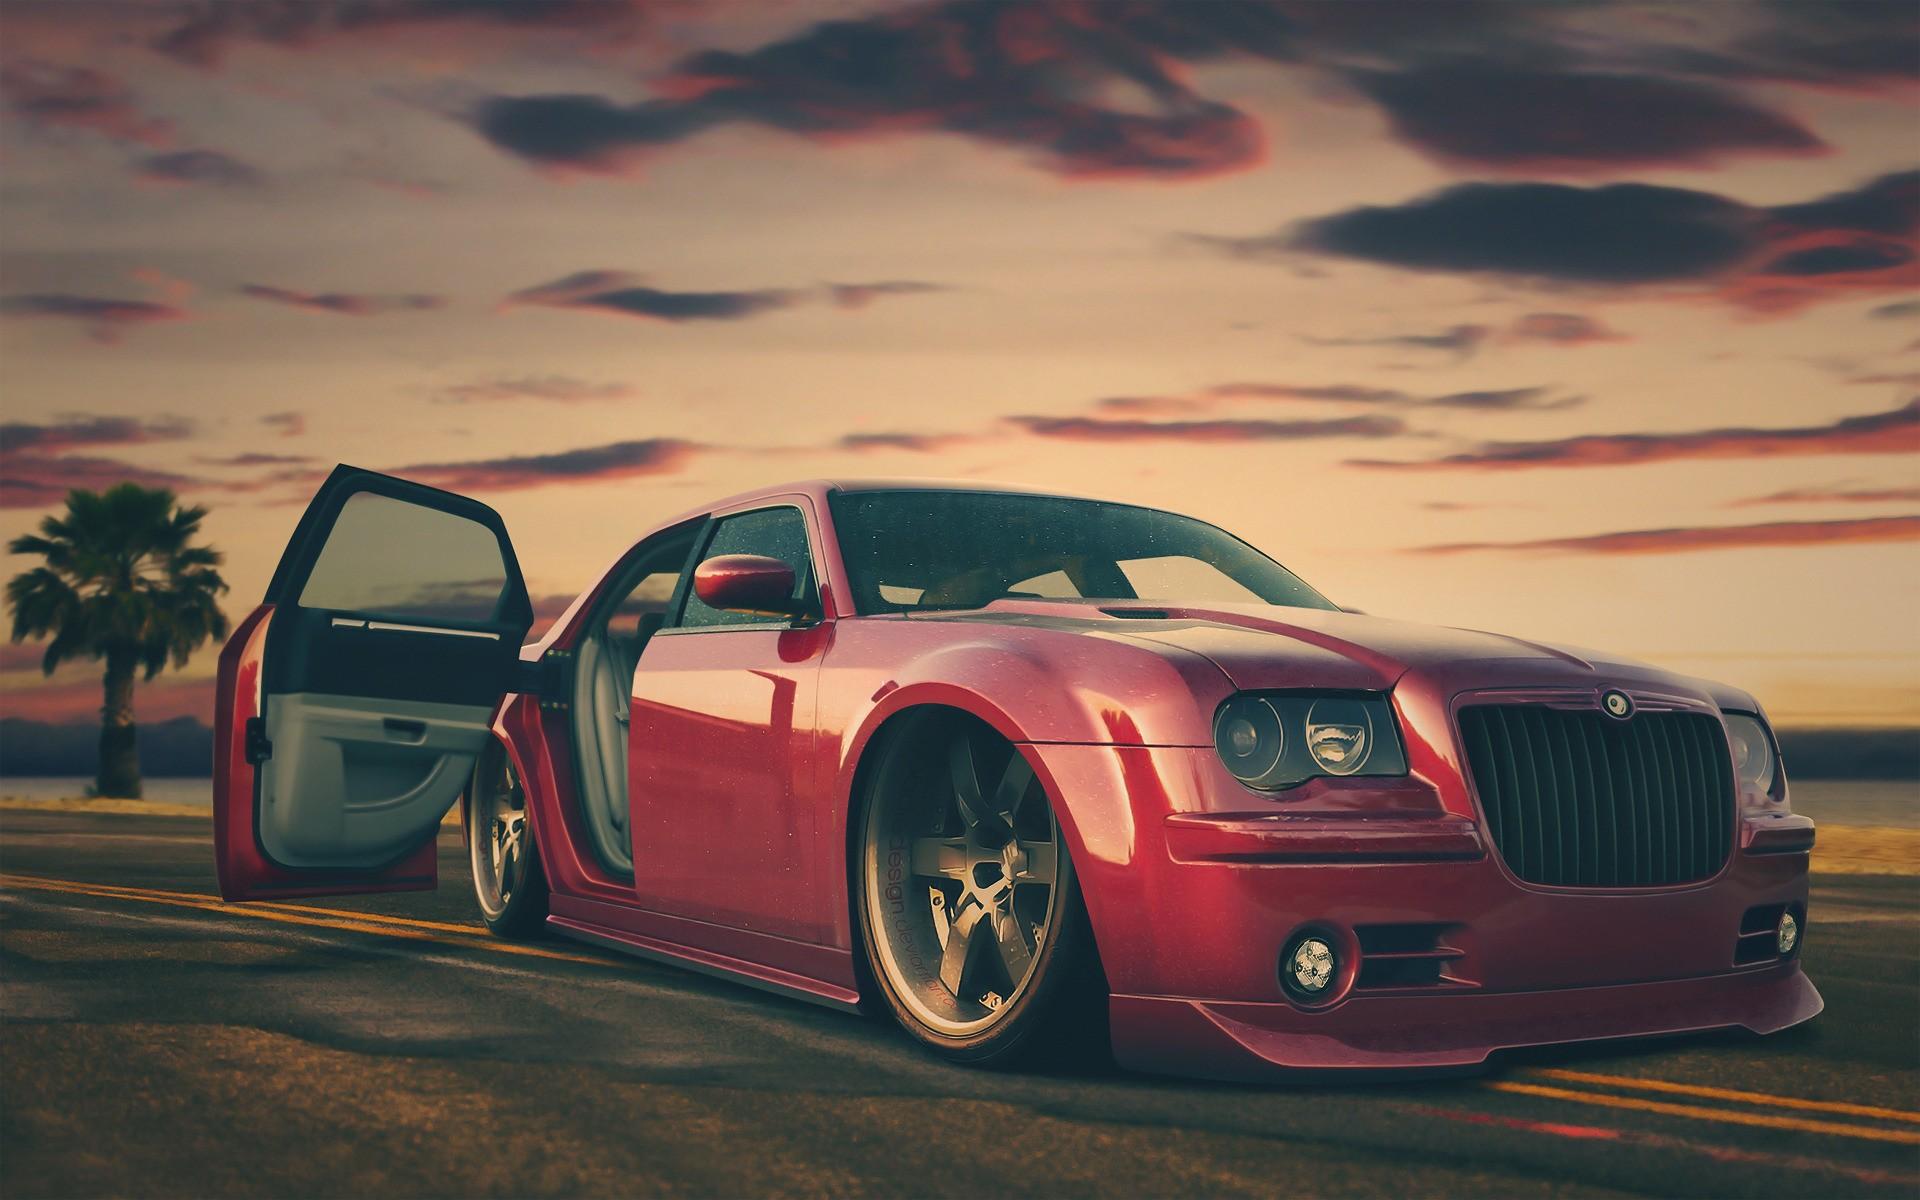 1968 Dodge Charger Wallpaper Cars Red Cars Custom Chrysler Tuning Chrysler 300c Wallpaper